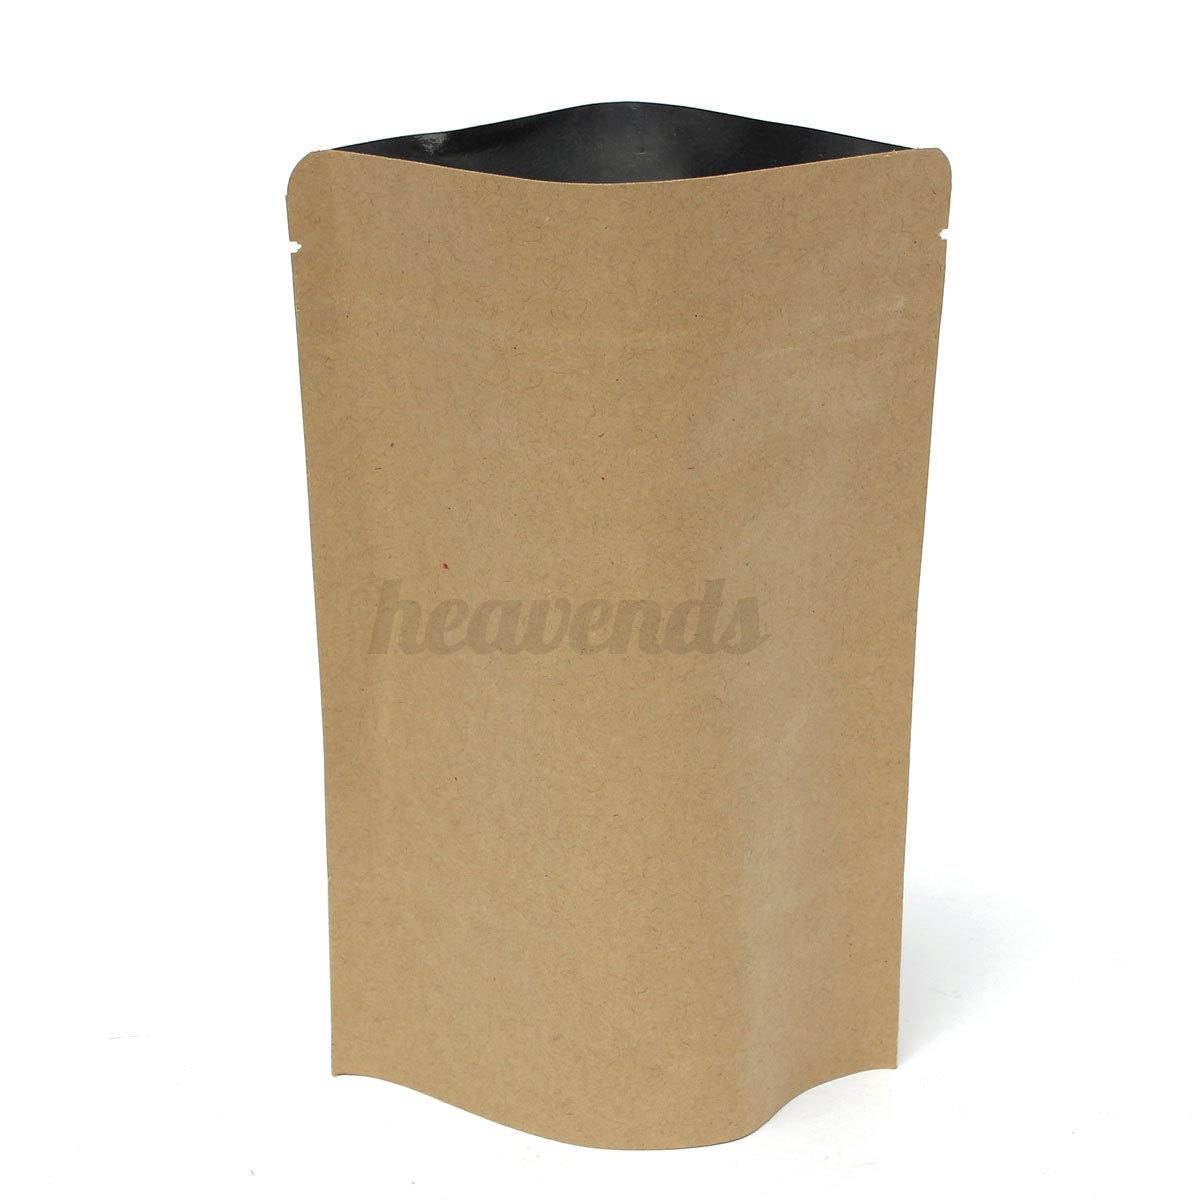 sac ziplock cadeau alimentaire papier kraft seal poche pochette tanches sachet. Black Bedroom Furniture Sets. Home Design Ideas